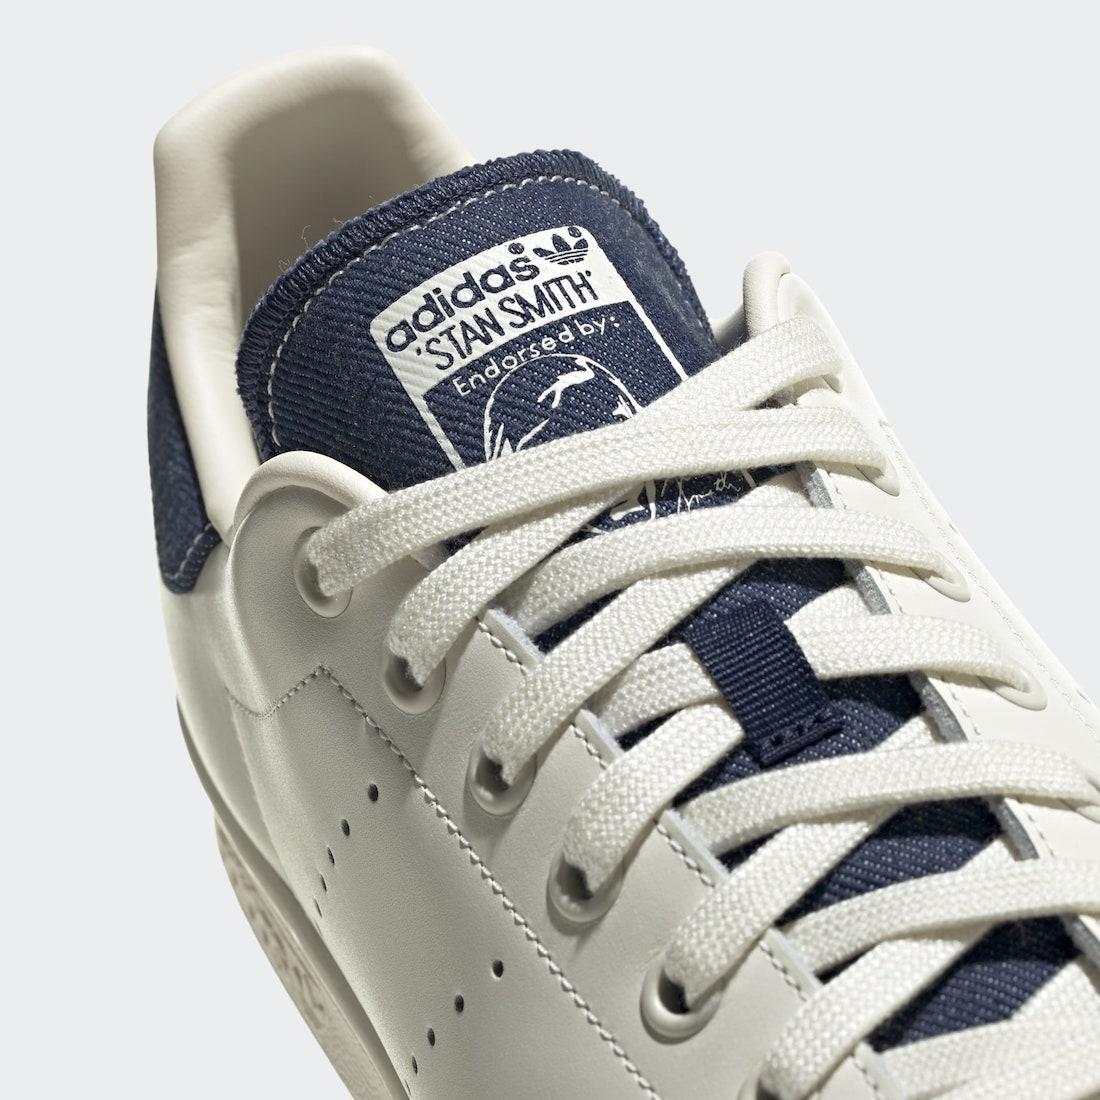 adidas Stan Smith Denim FW4424 Release Date Info